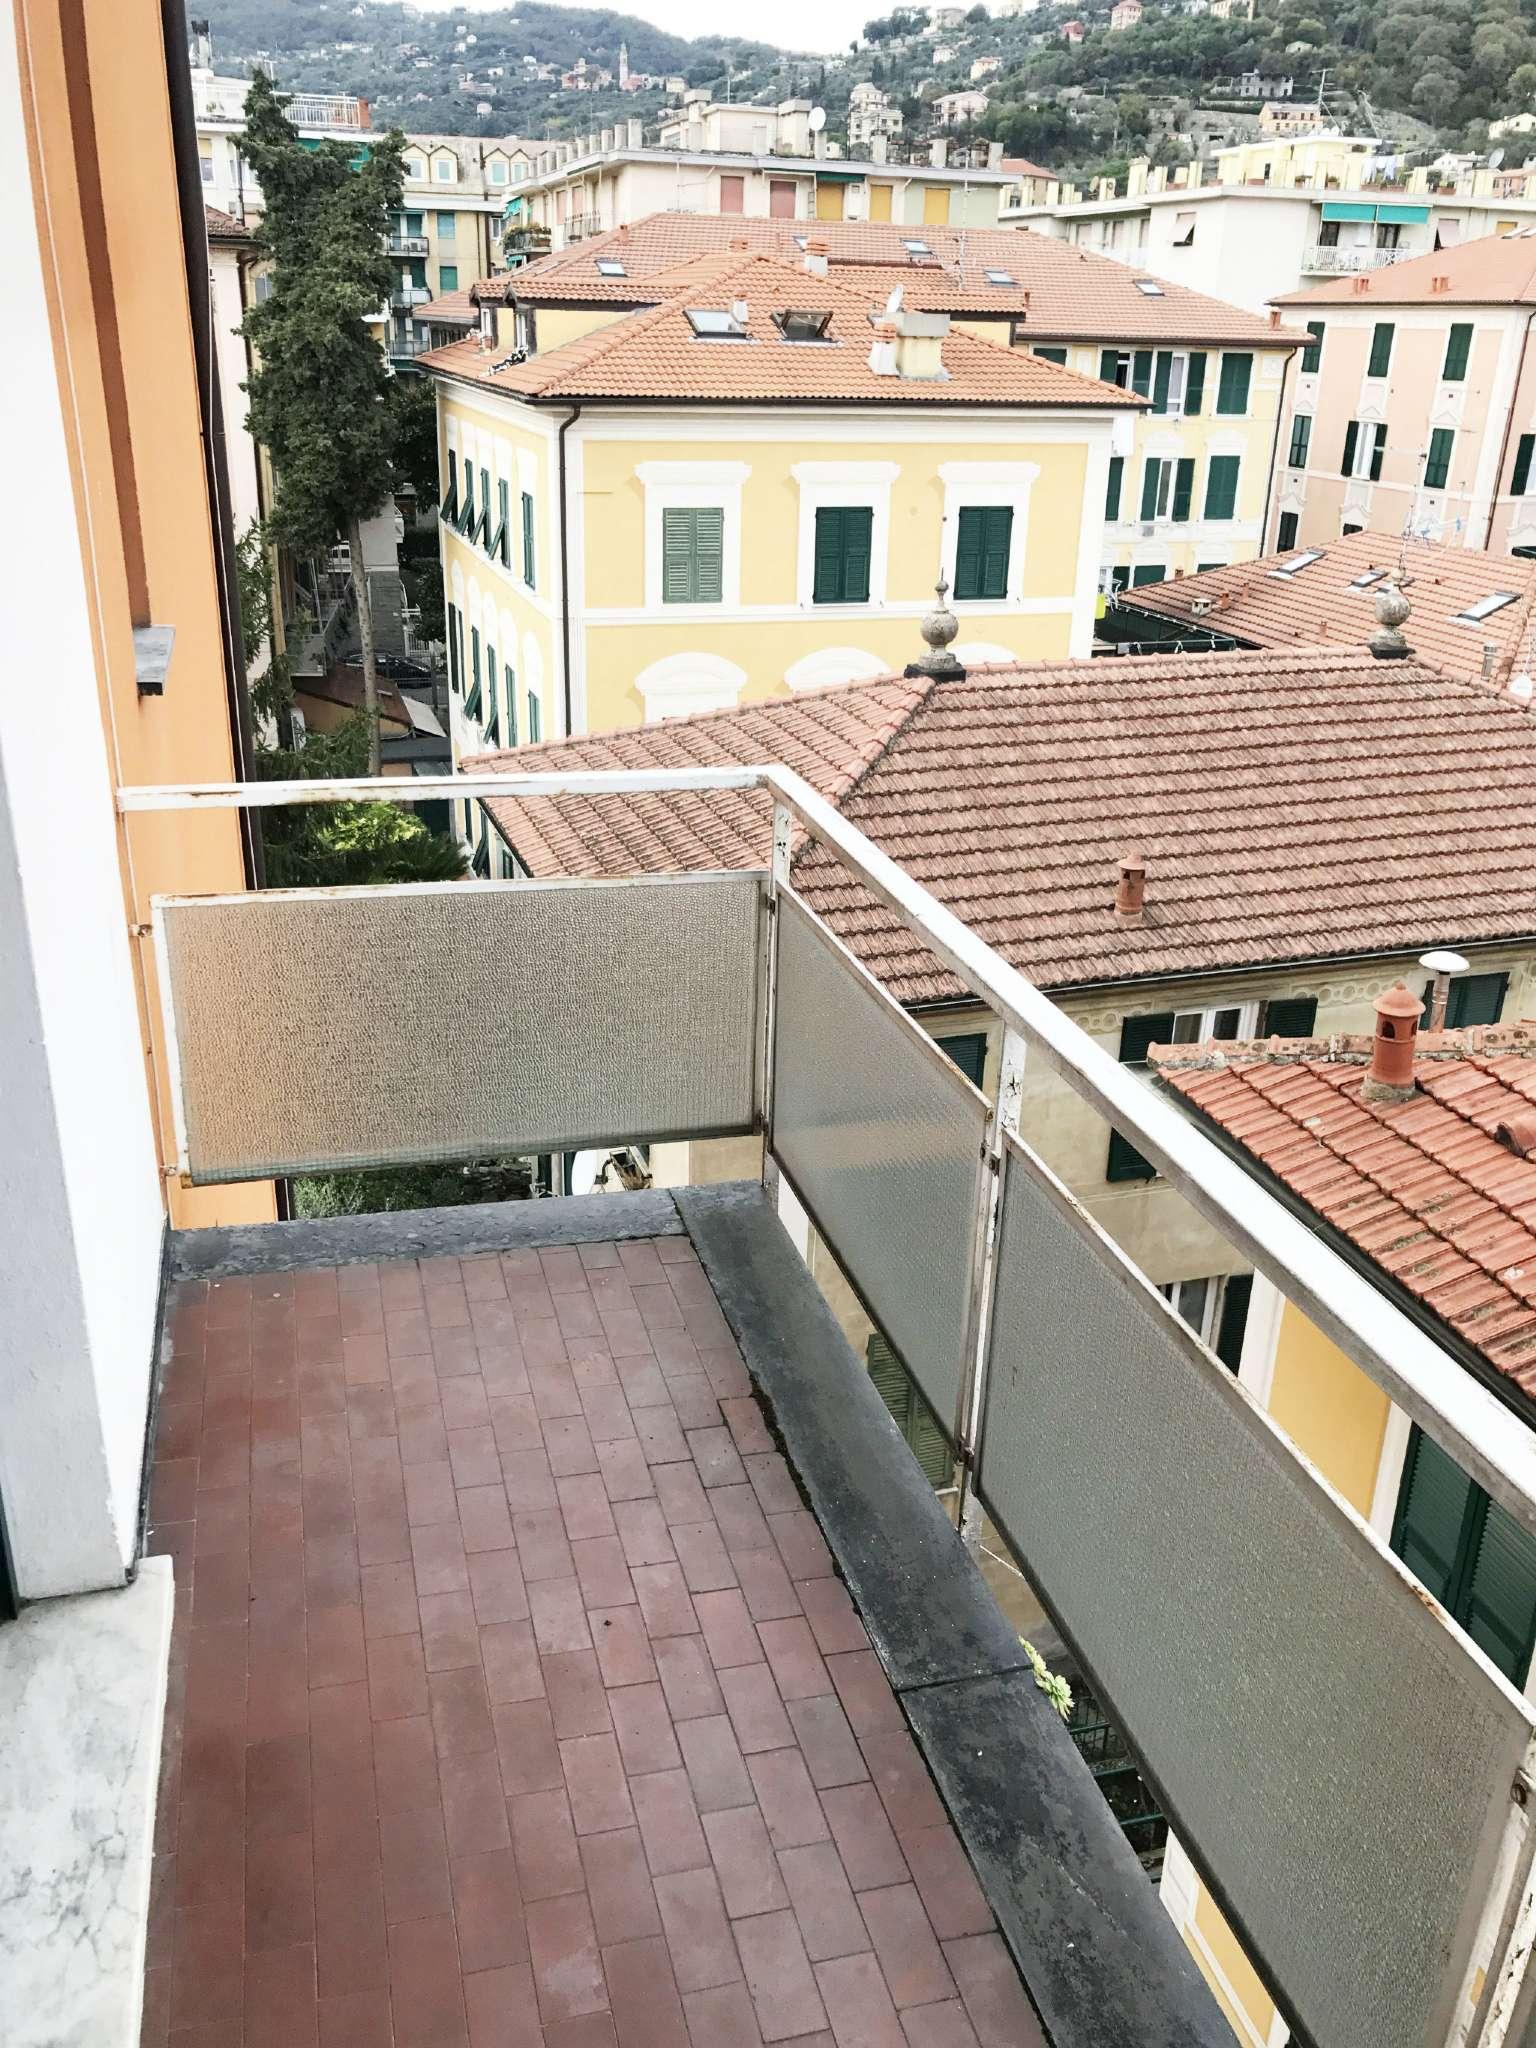 Appartamento in vendita a Santa Margherita Ligure, 5 locali, prezzo € 395.000 | CambioCasa.it